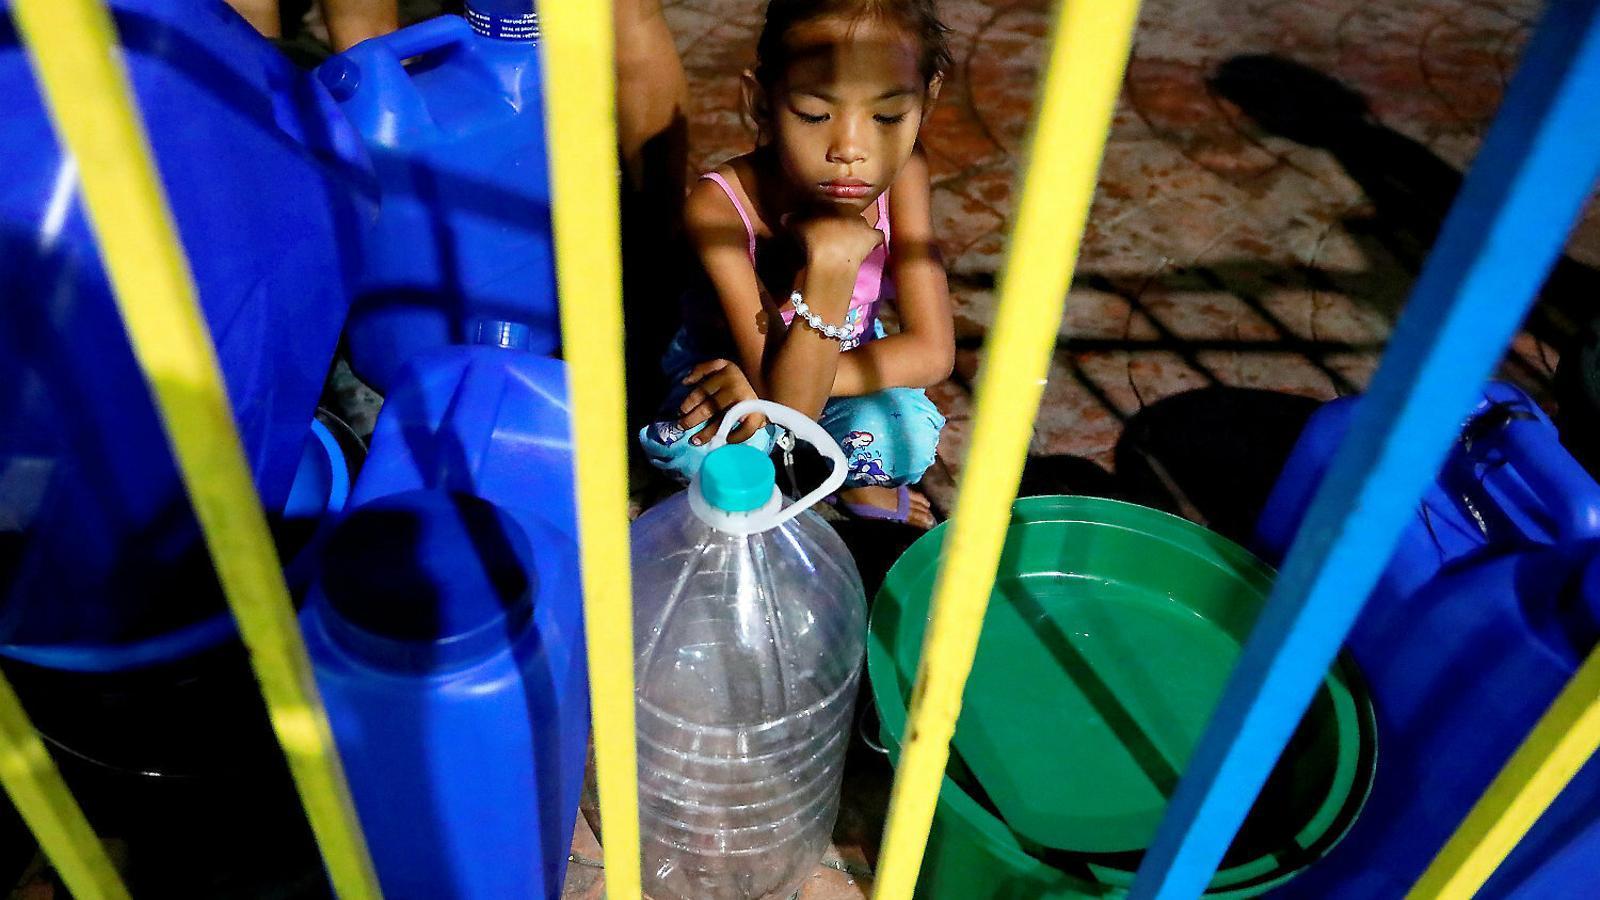 Una nena mira com la seva família reomple els bidons d'aigua potable a casa seva, a Mandaluyong City, a les Filipines.